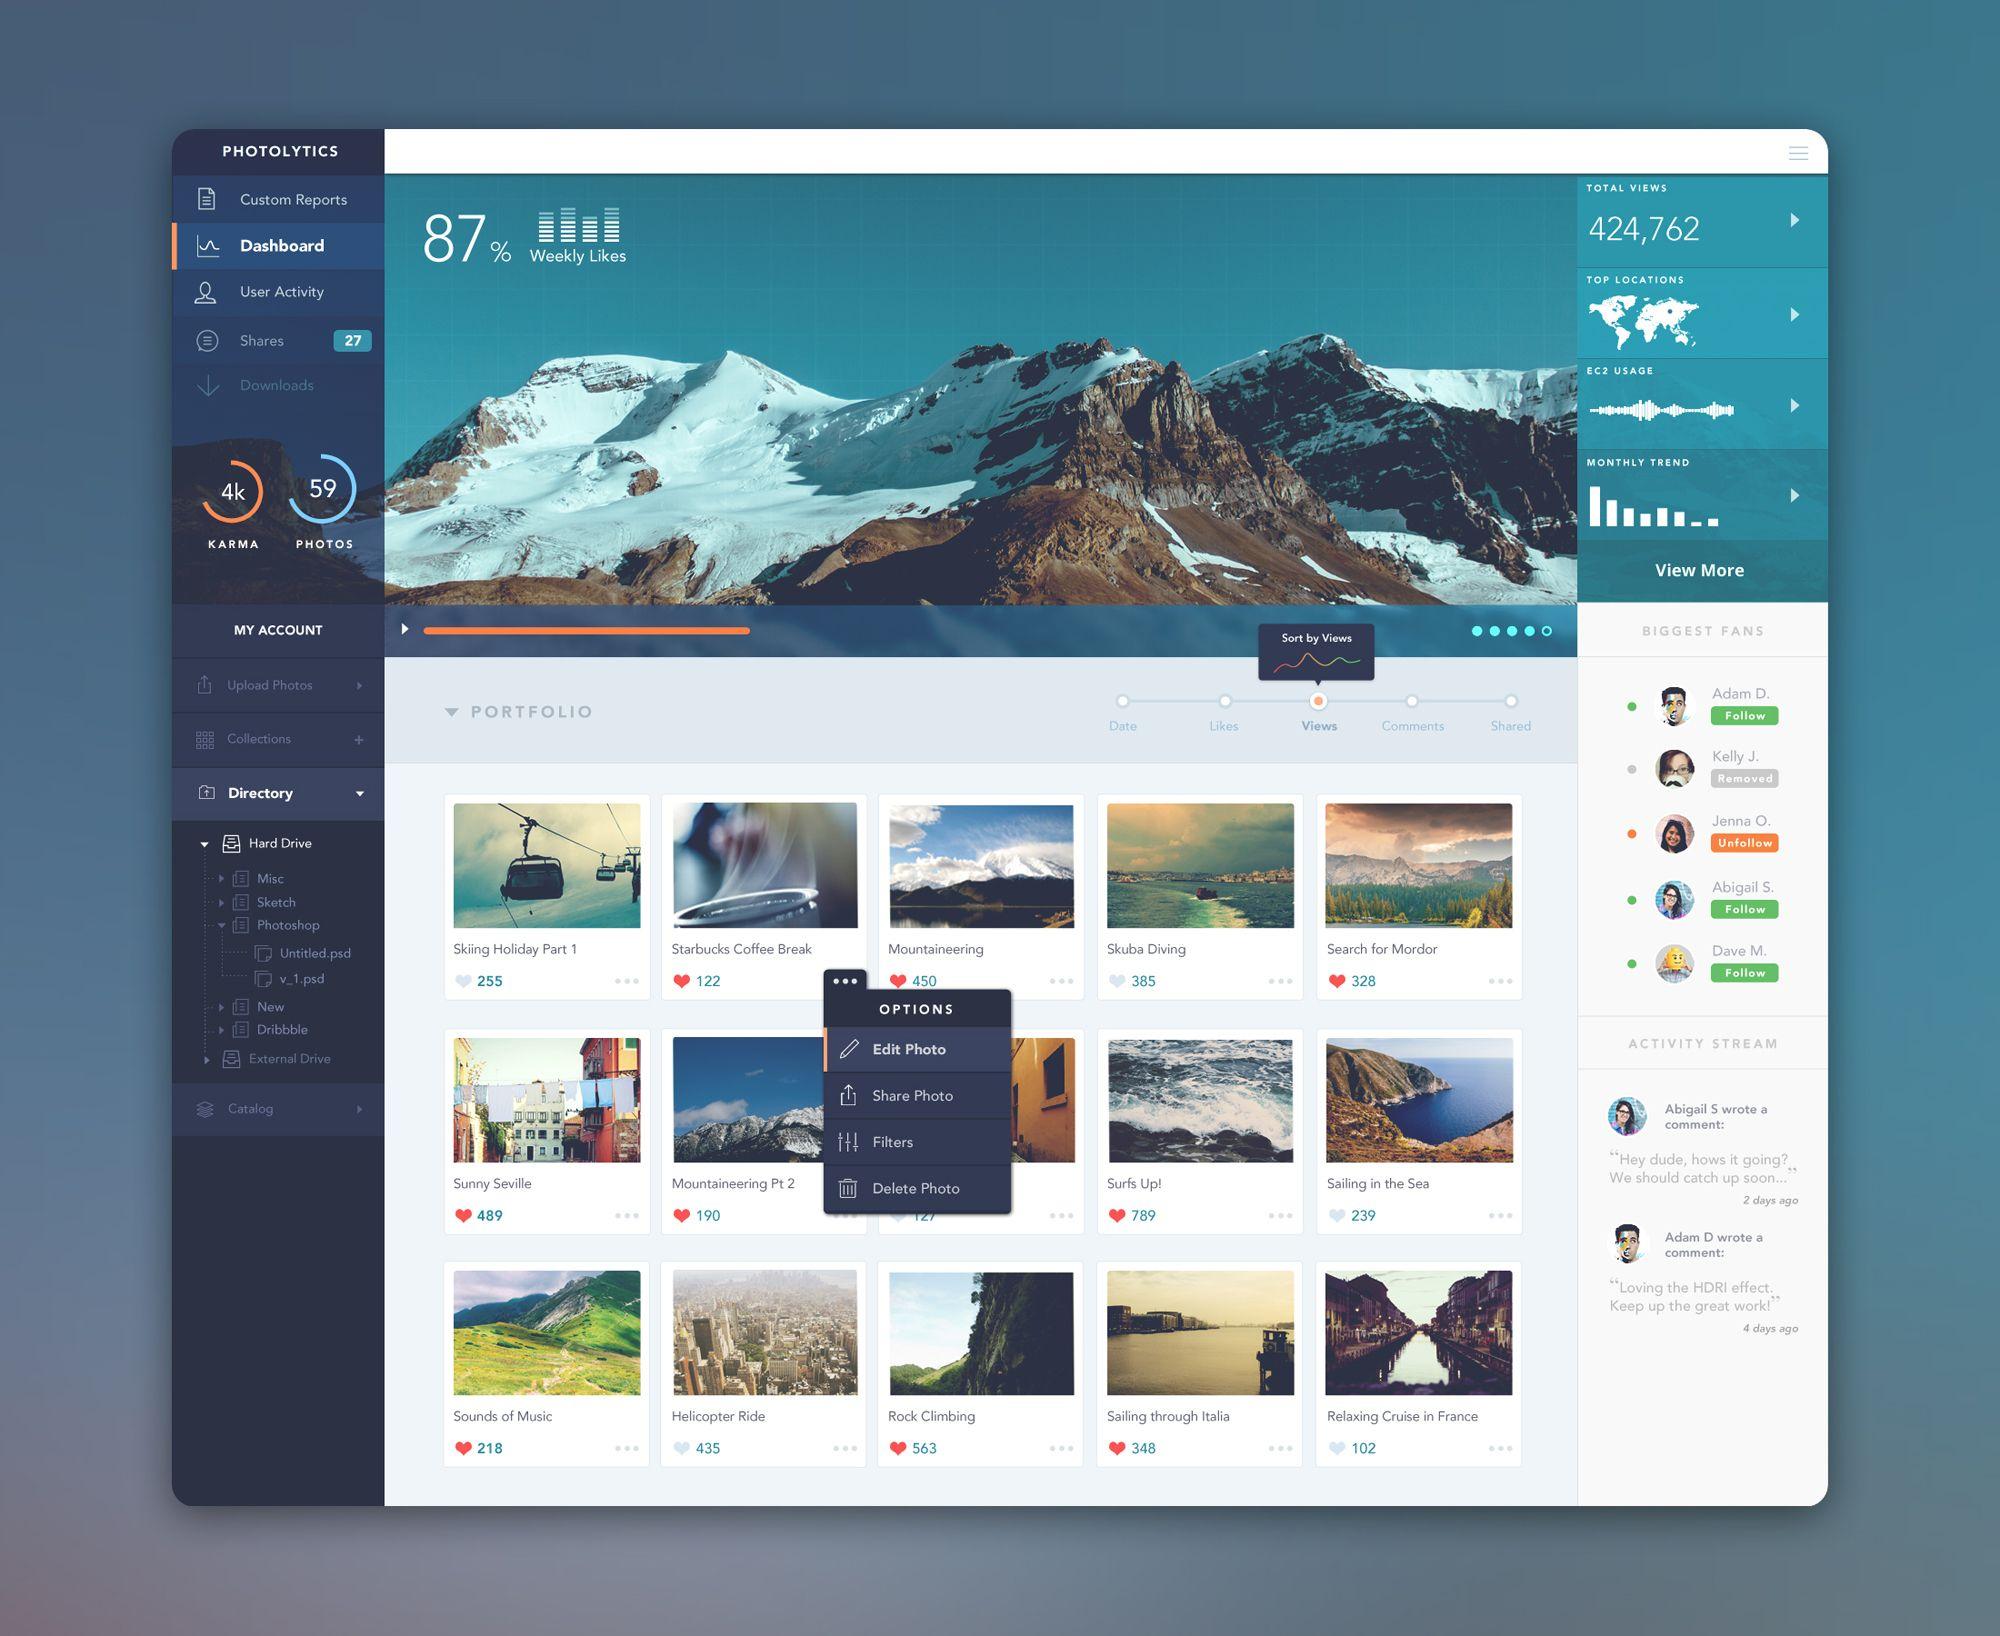 Программа для создание сайта web дизайна абсолют самара строительная компания официальный сайт